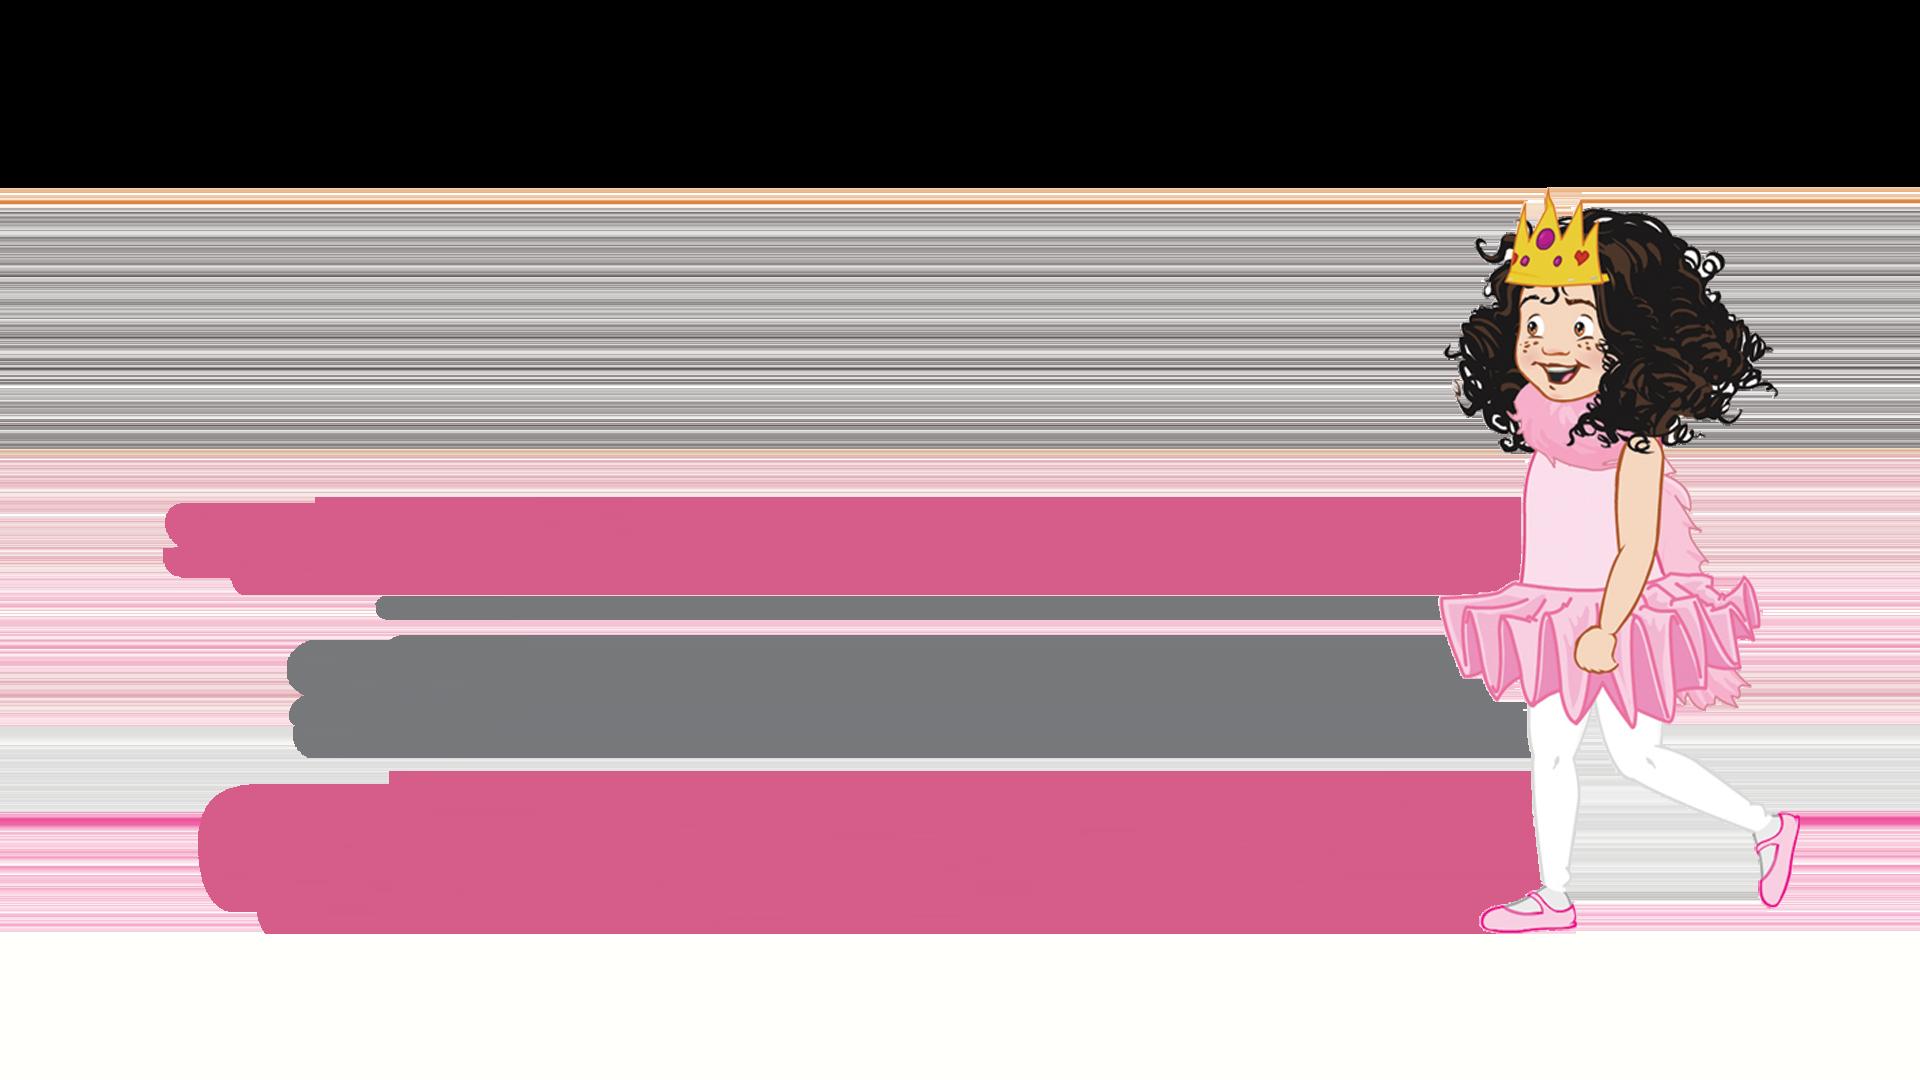 Gigi princess logo